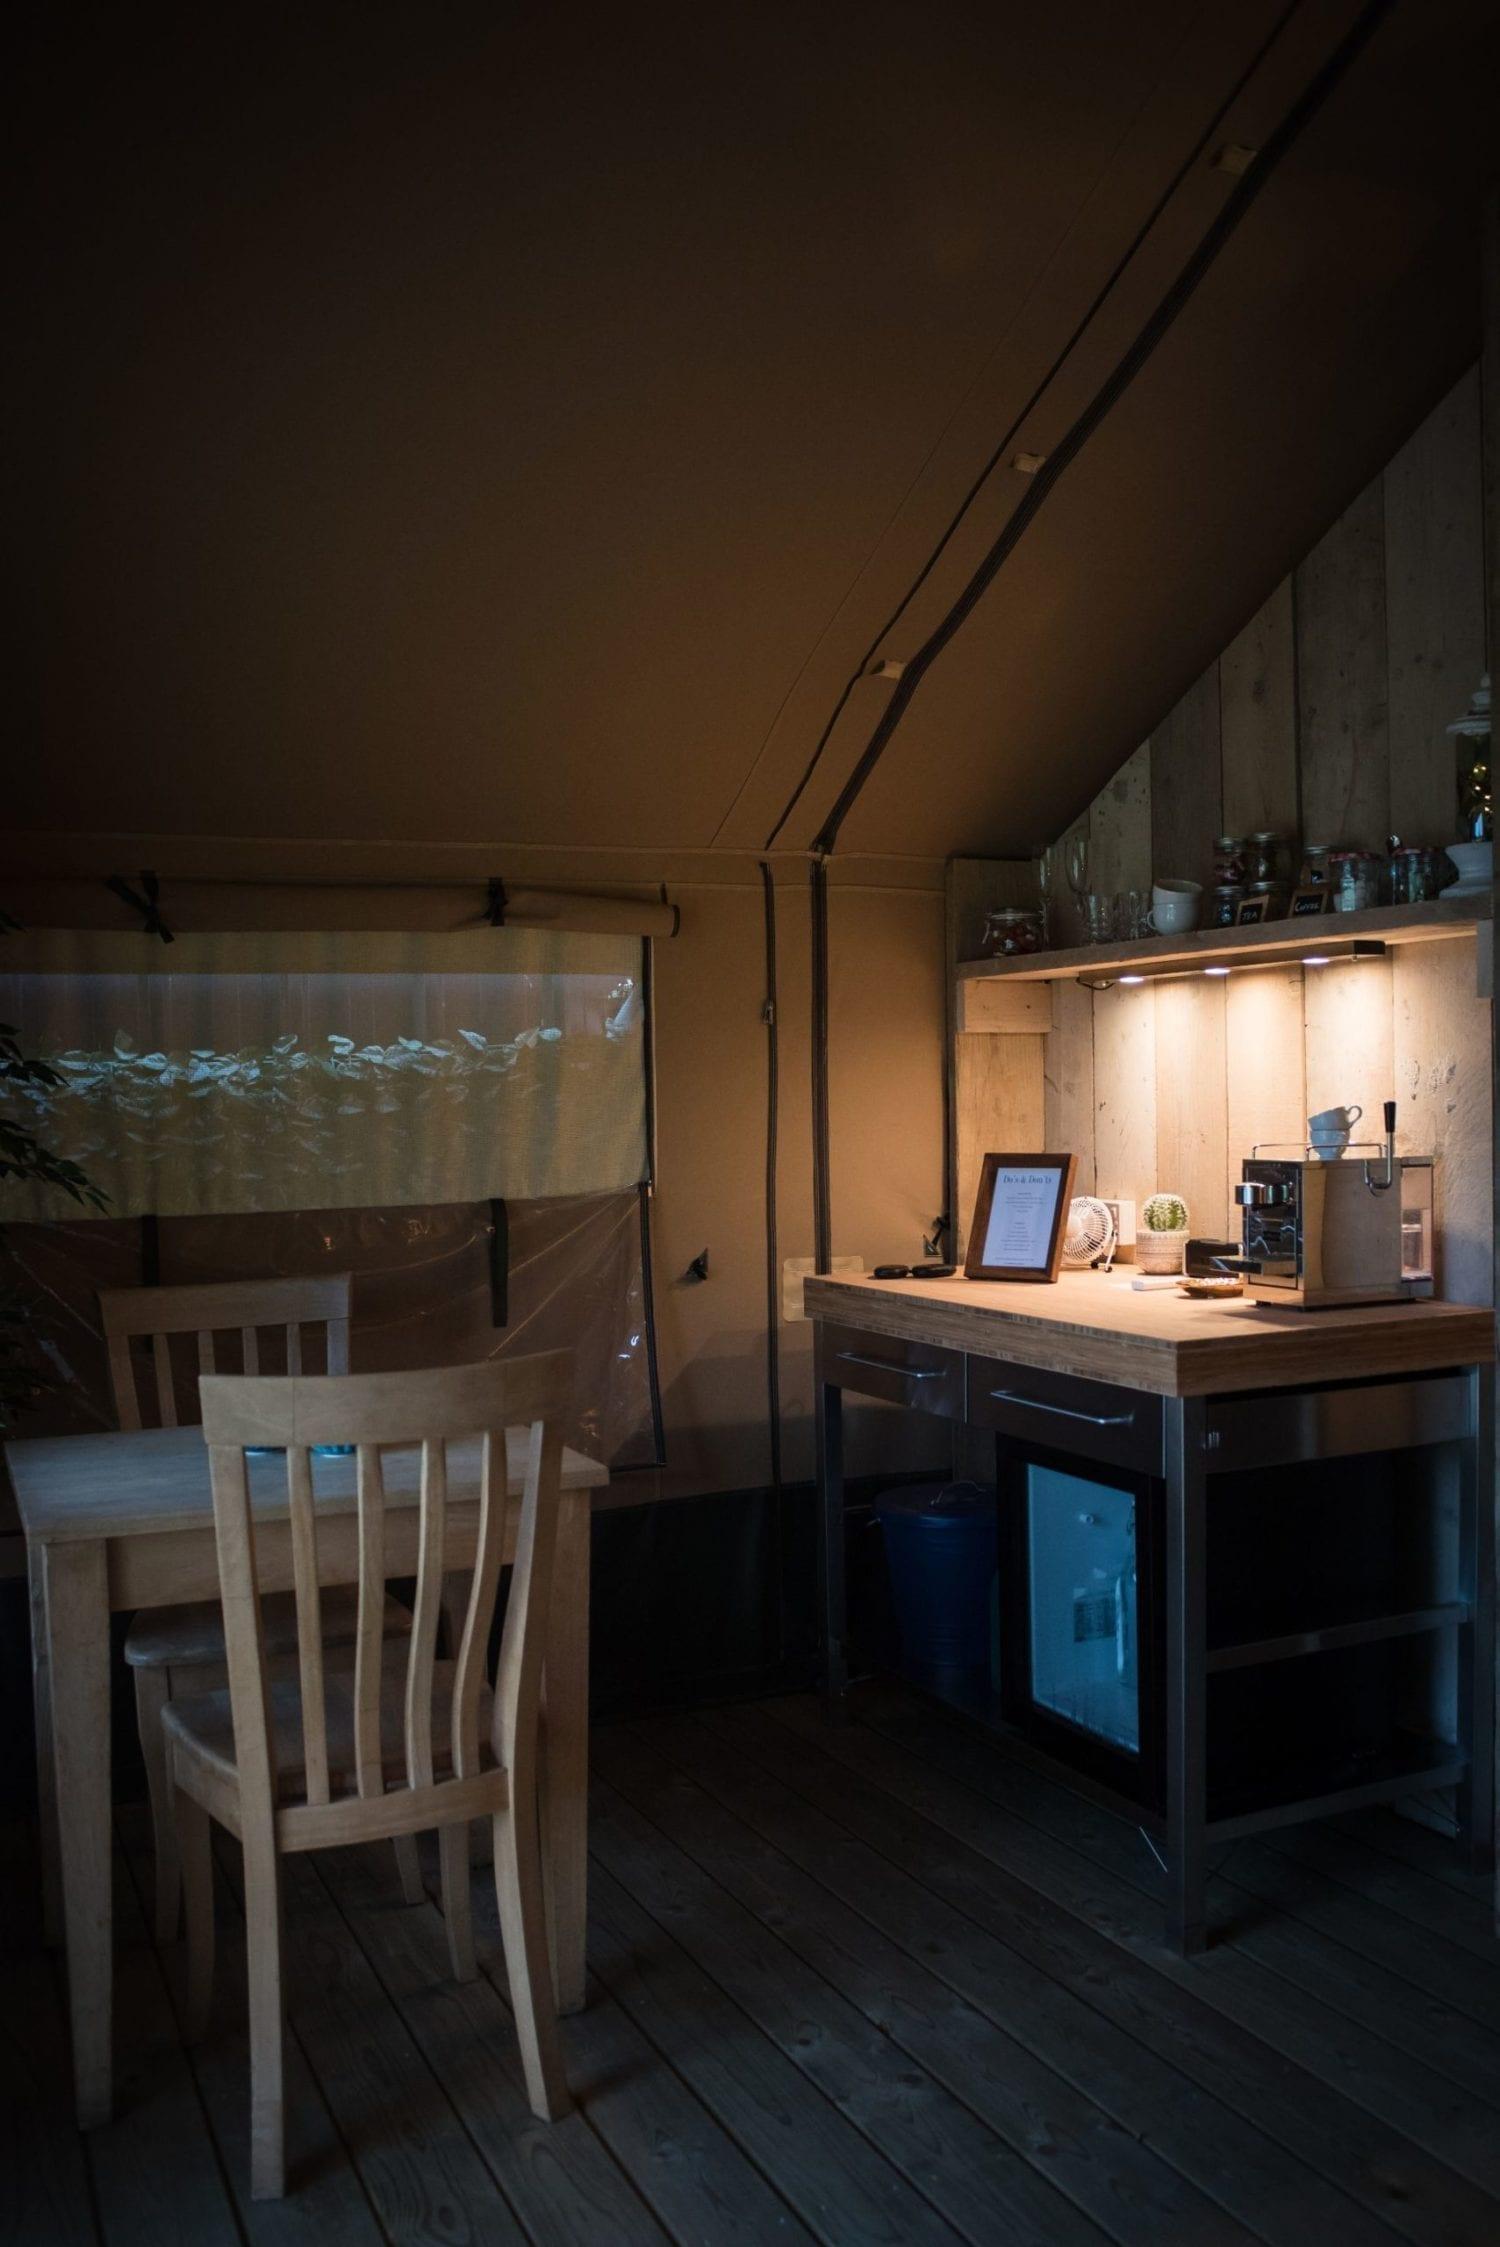 Glamping Interior at The Barn at Alswick